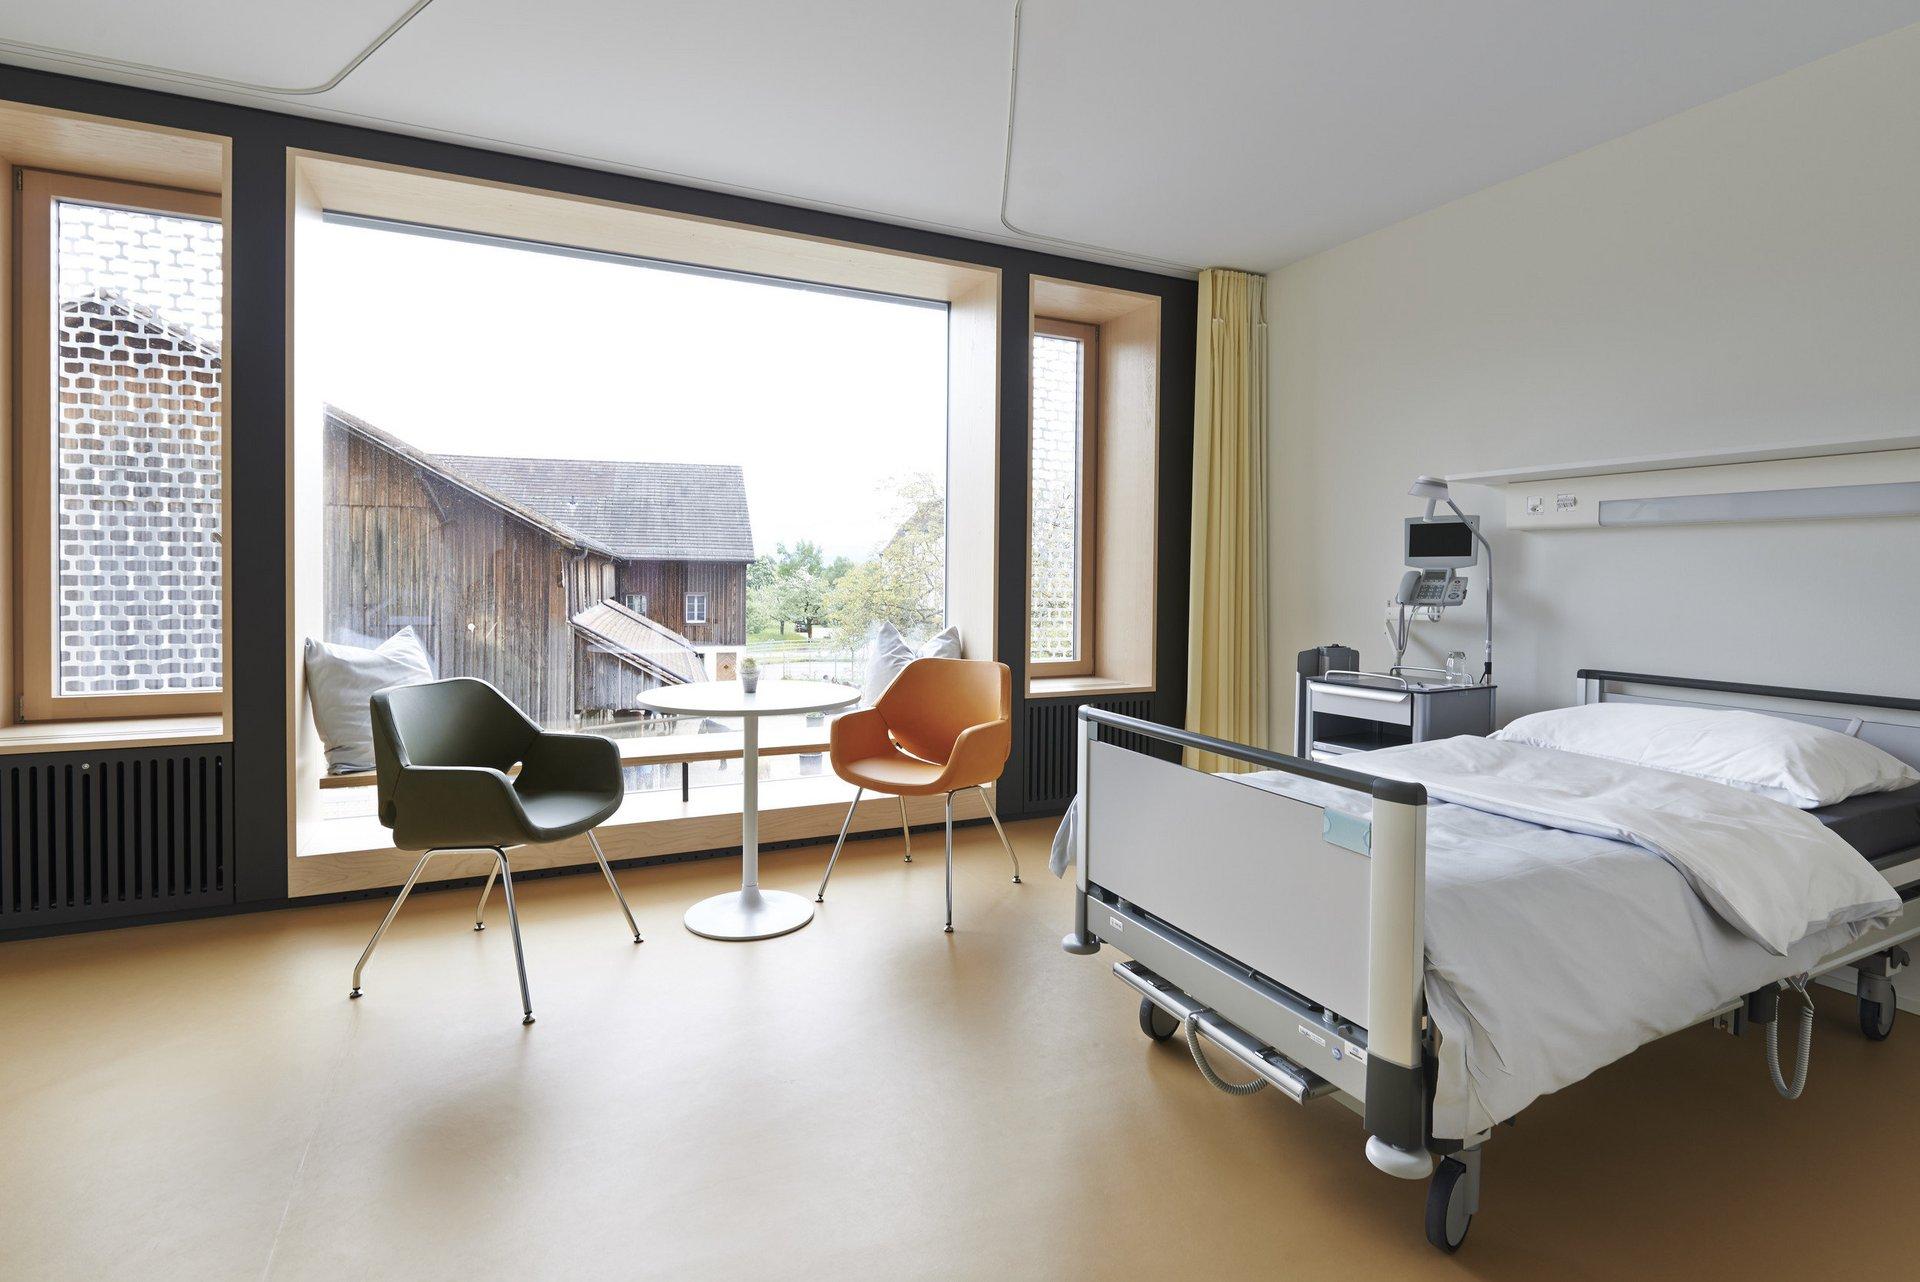 Patientenzimmer in heller Atmosphäre mit 3 unterschiedliche grossen Einflügelfenster